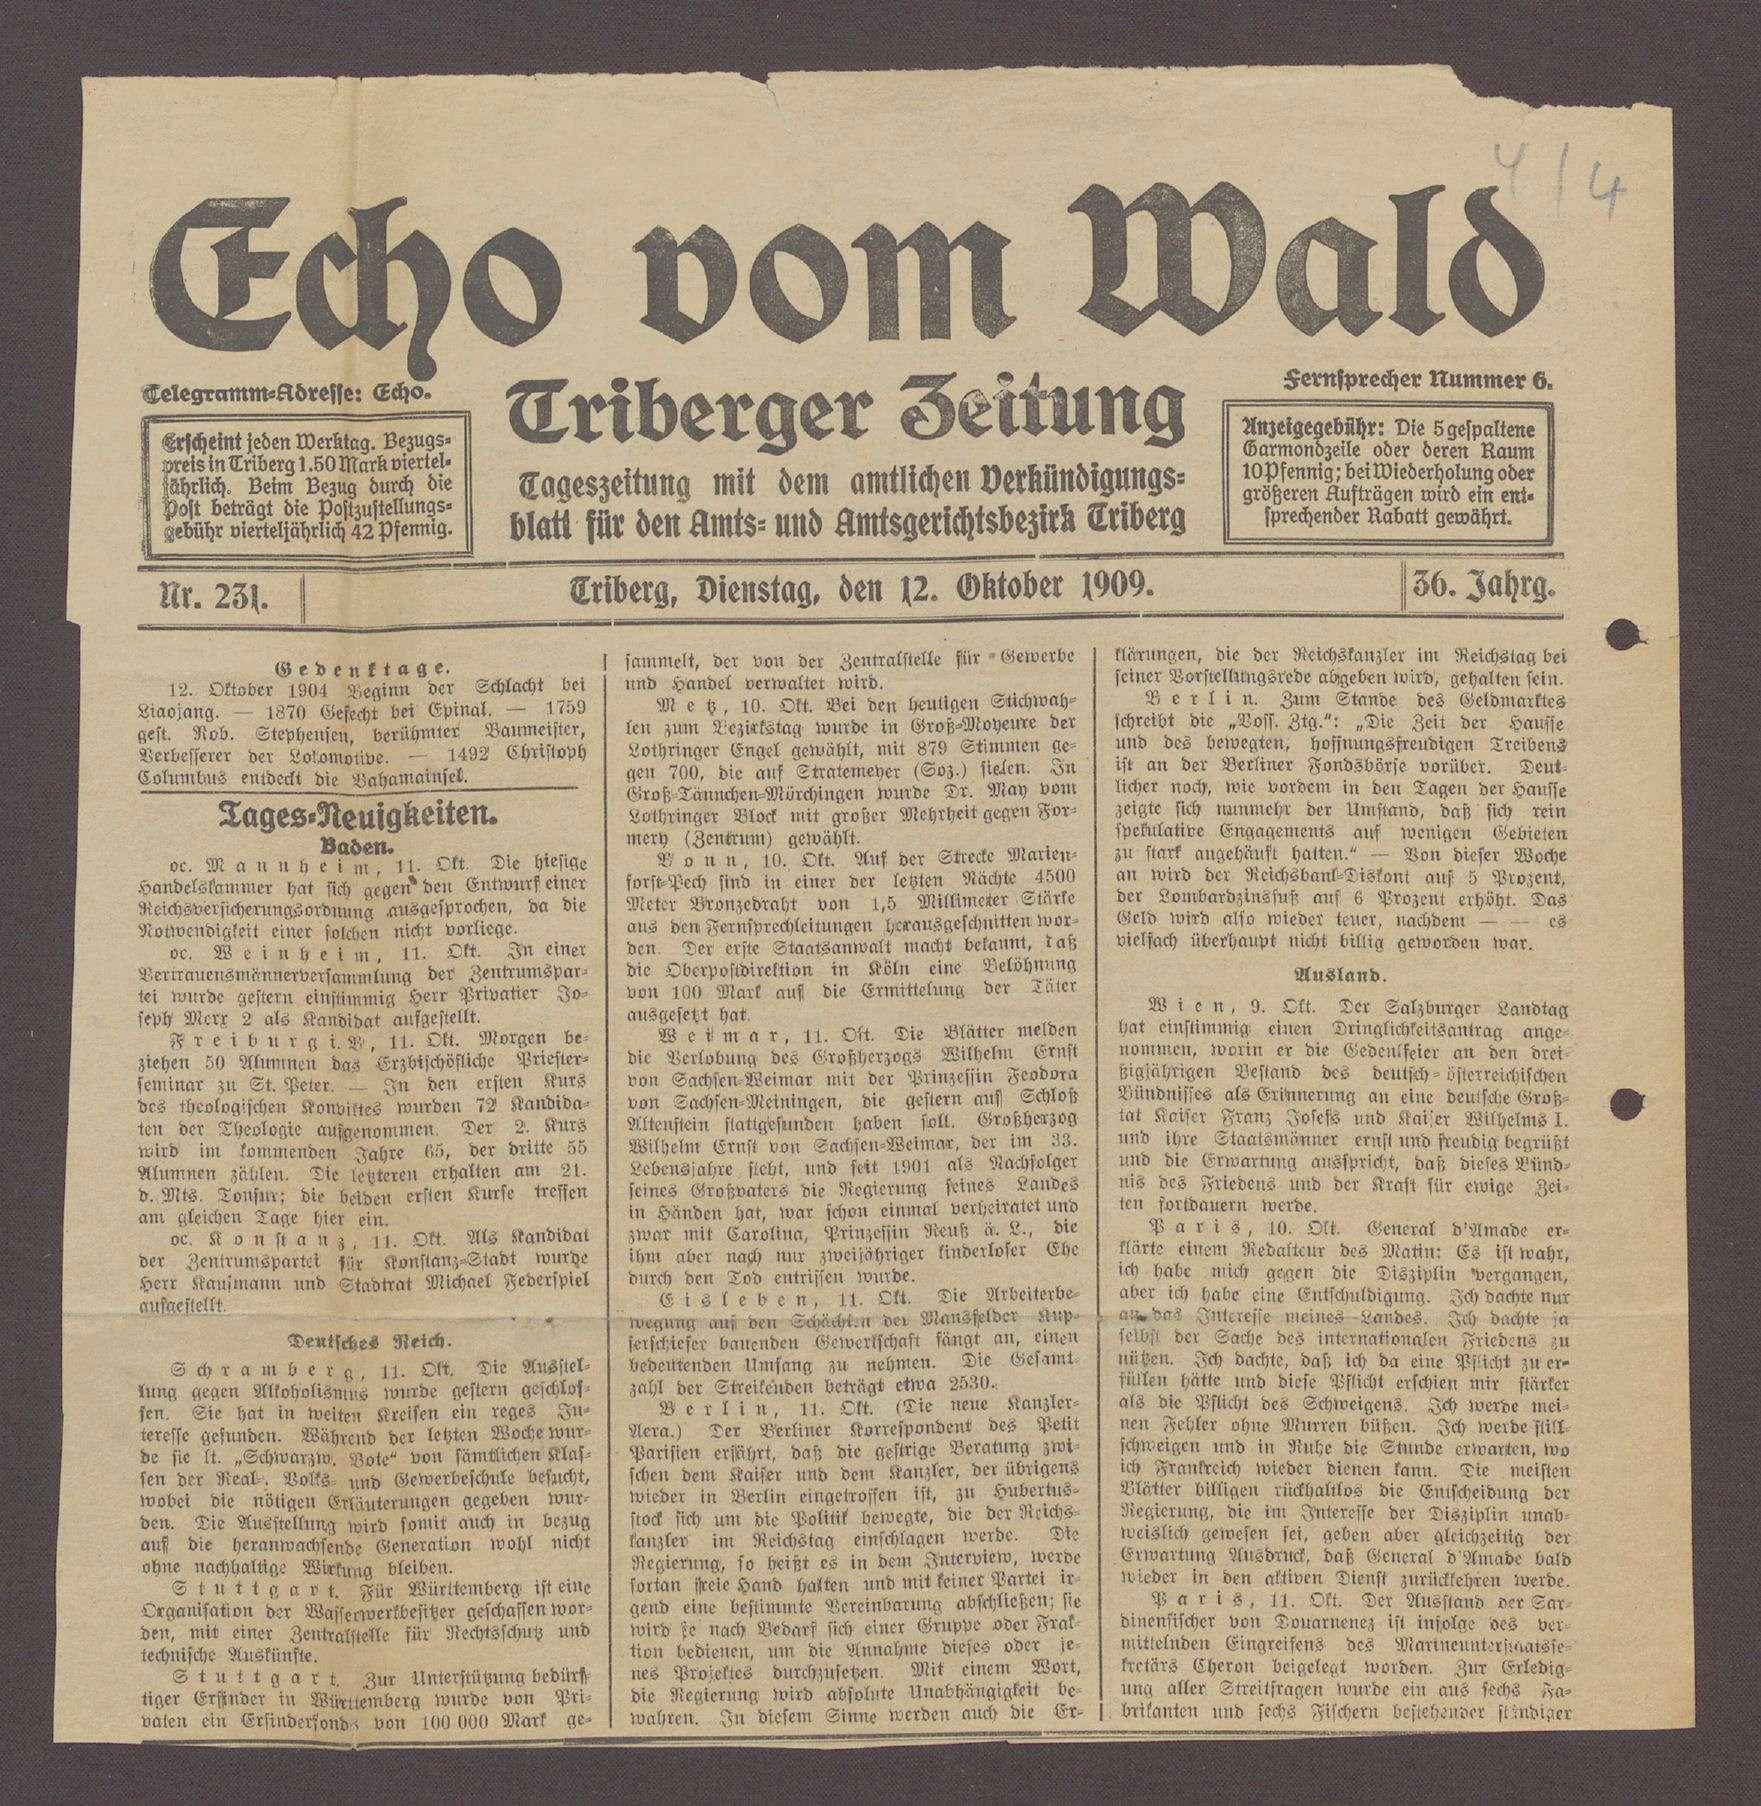 Echo vom Wald - Triberger Zeitung Nr. 231 vom 12.10.1909, Bild 1